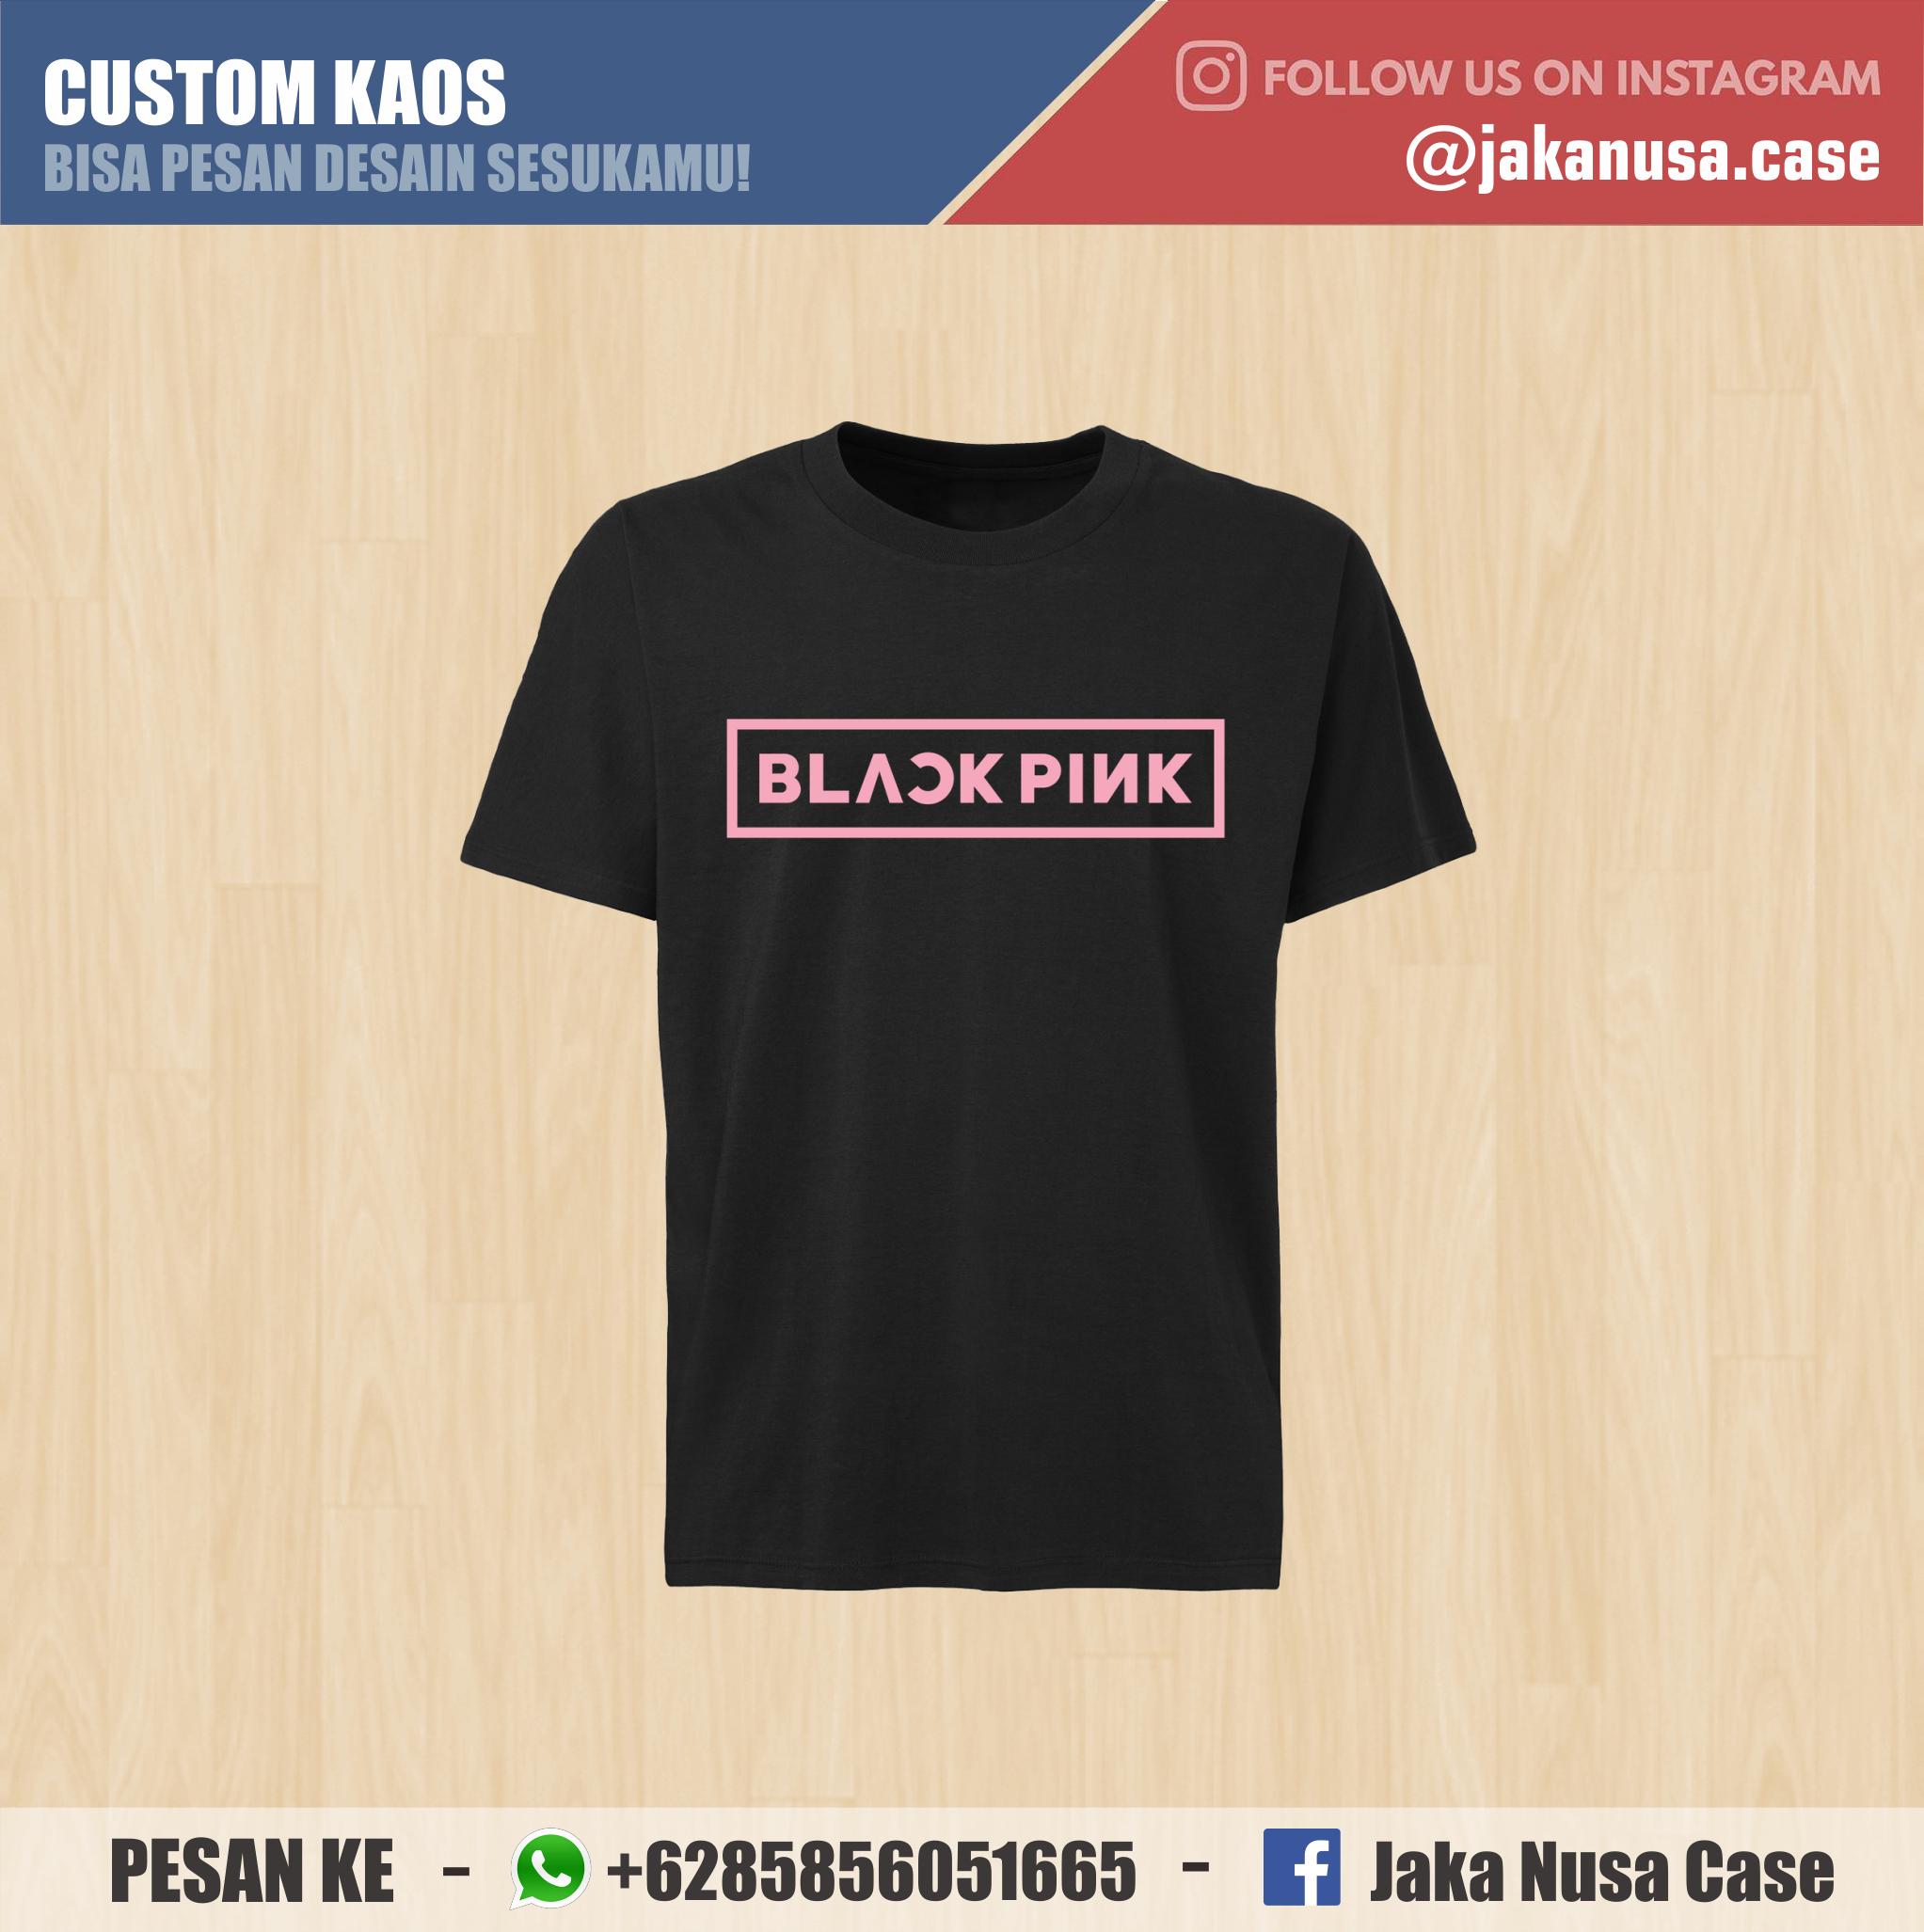 Custom Kaos Premium Blackpink Order 085856051665 Wa Kaos Customkaos Kaospolos Kaoshitam Kaoskeren Kaosimut Desainkaos Kaosk Kaos Kaos Lucu Hitam